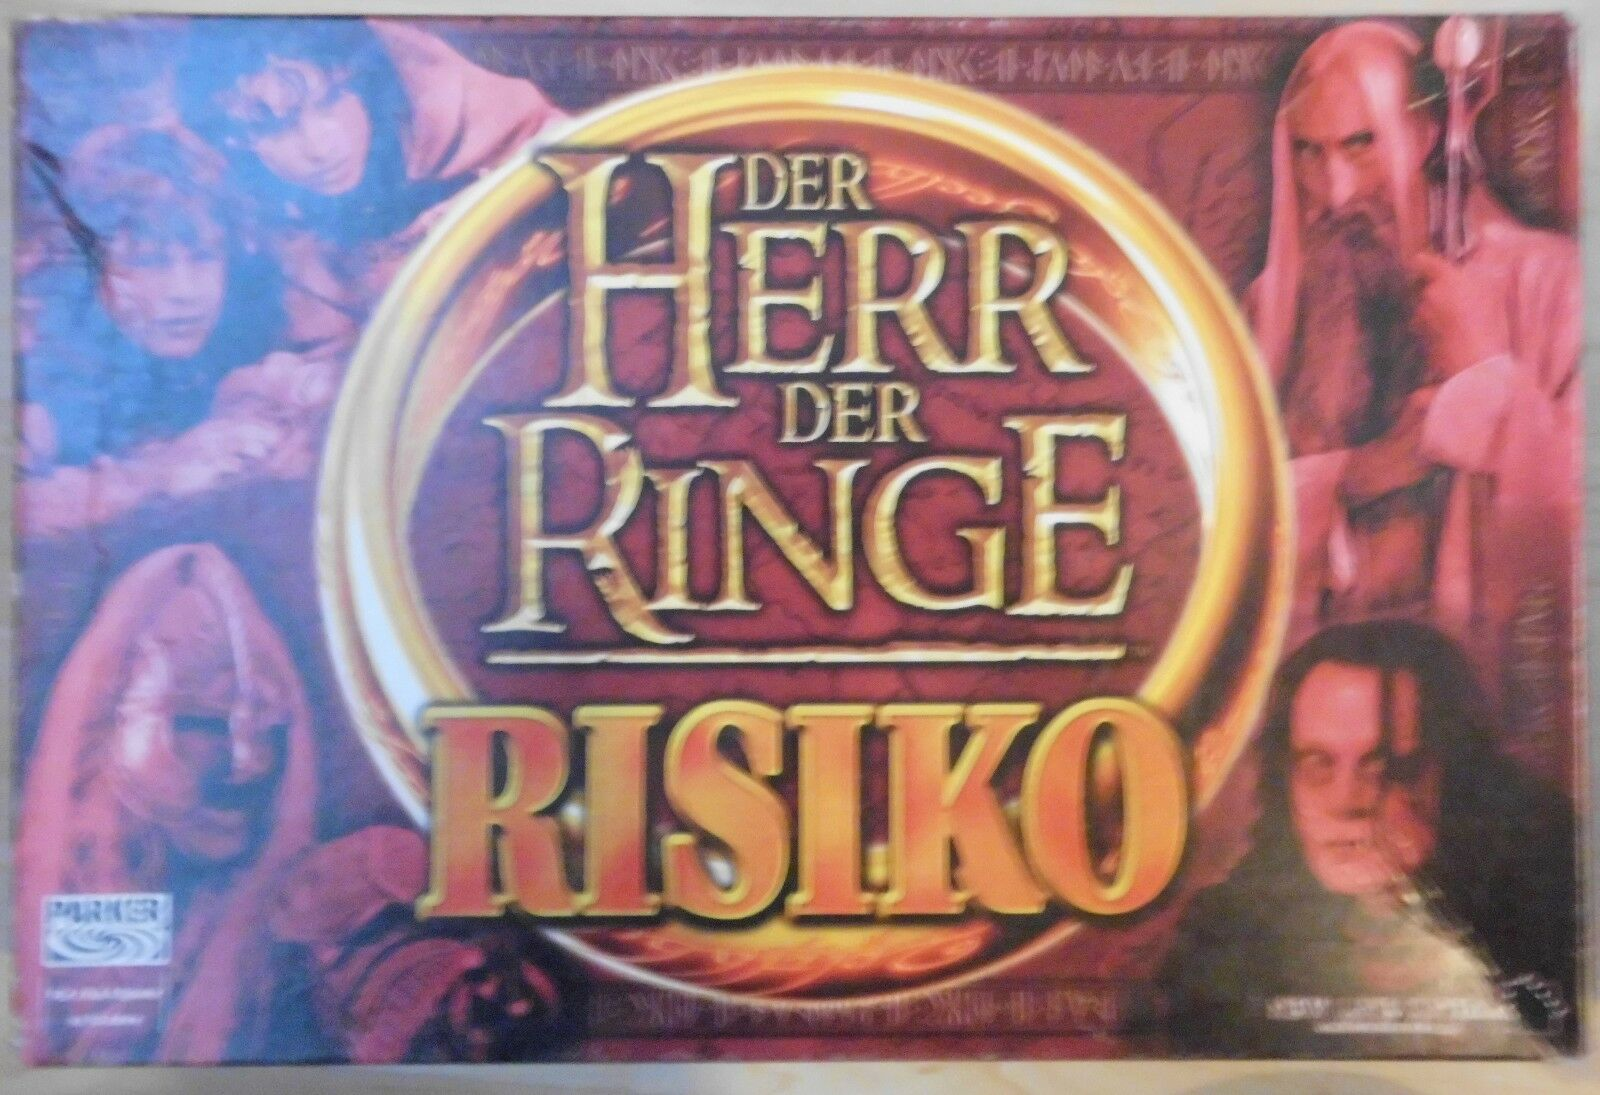 DER HERR DER RINGE RISIKO + GONDOR & MORDOR MORDOR MORDOR ERWEITERUNG        PARKER cc3197